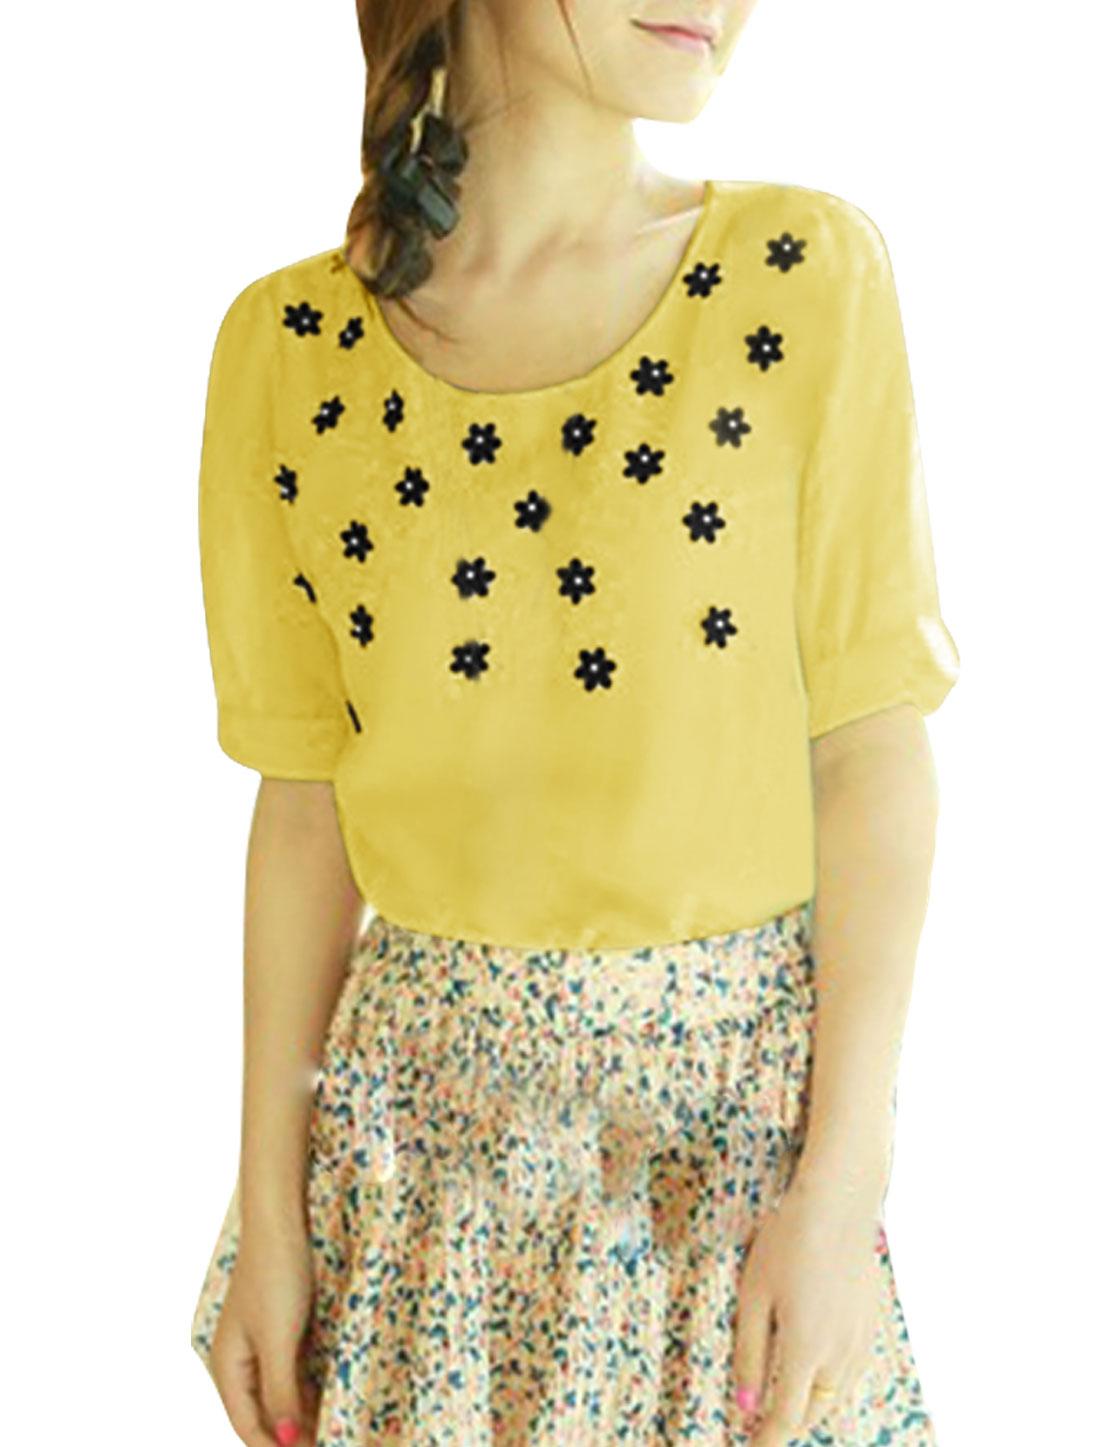 Ladies Round Neck Short Sleeve Semi Sheer Top Shirt Yellow XS